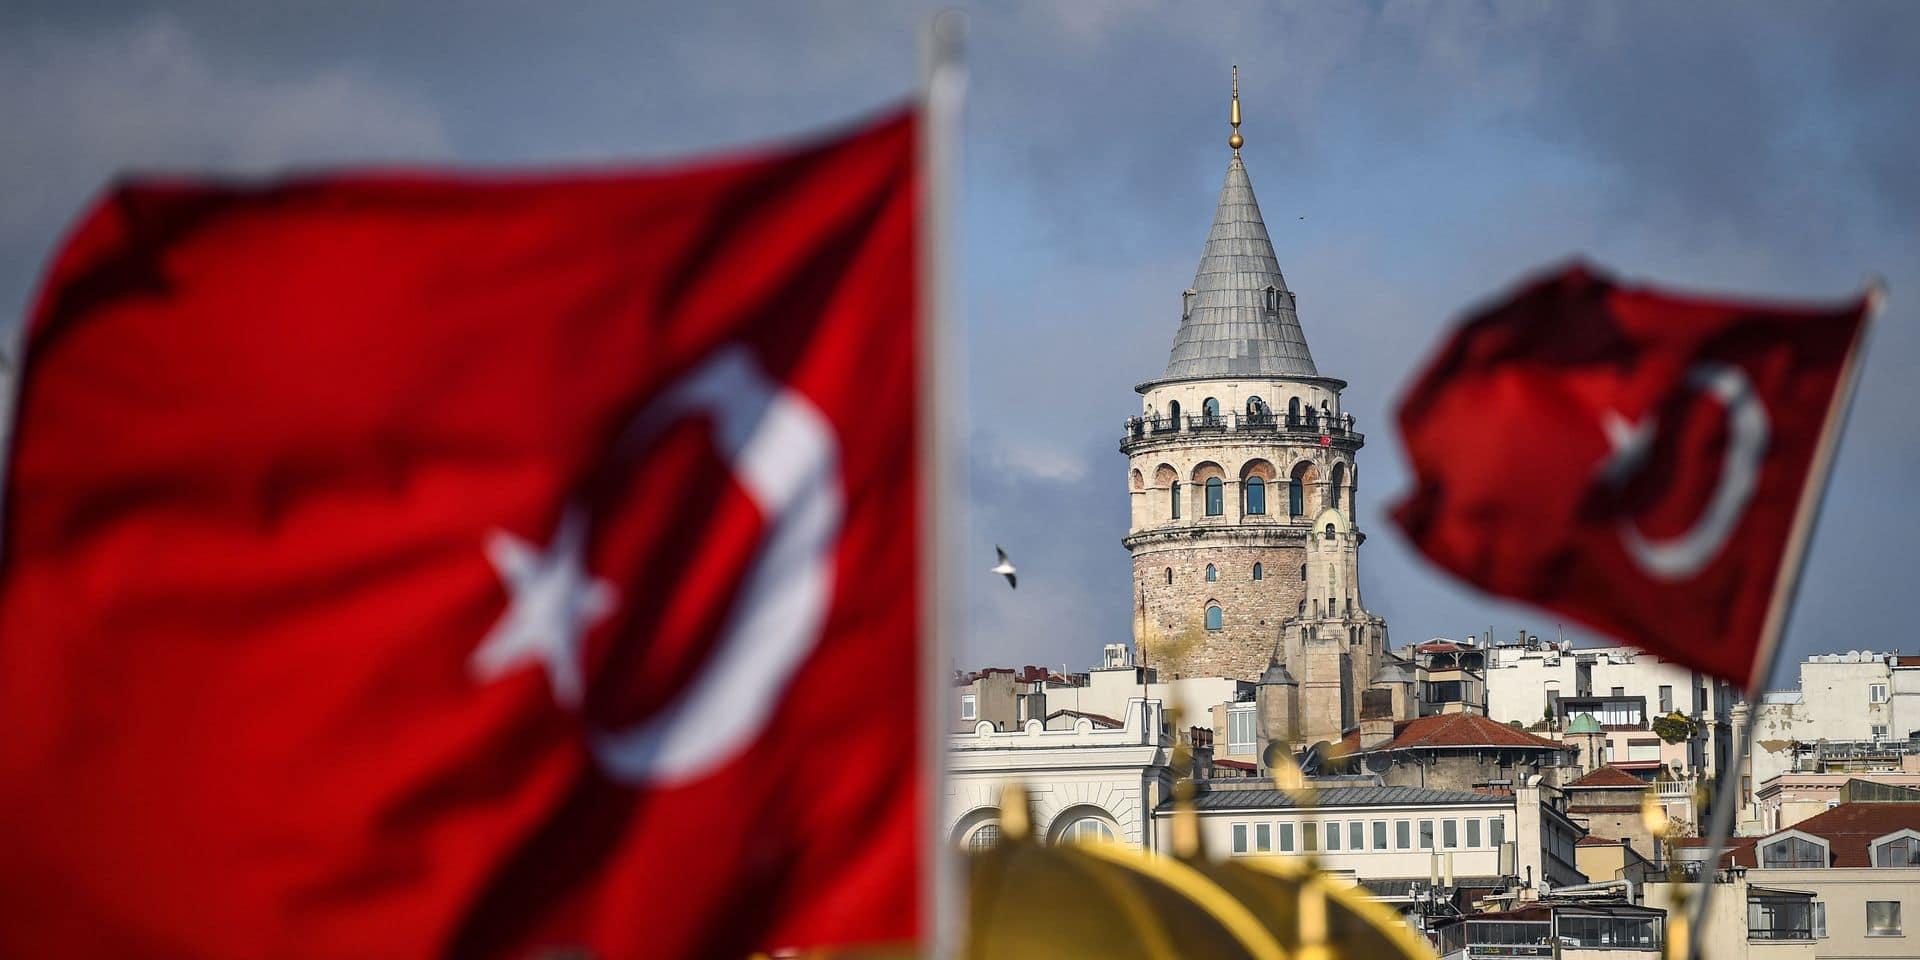 Des restaurations bâclées du patrimoine turc suscitent l'inquiétude